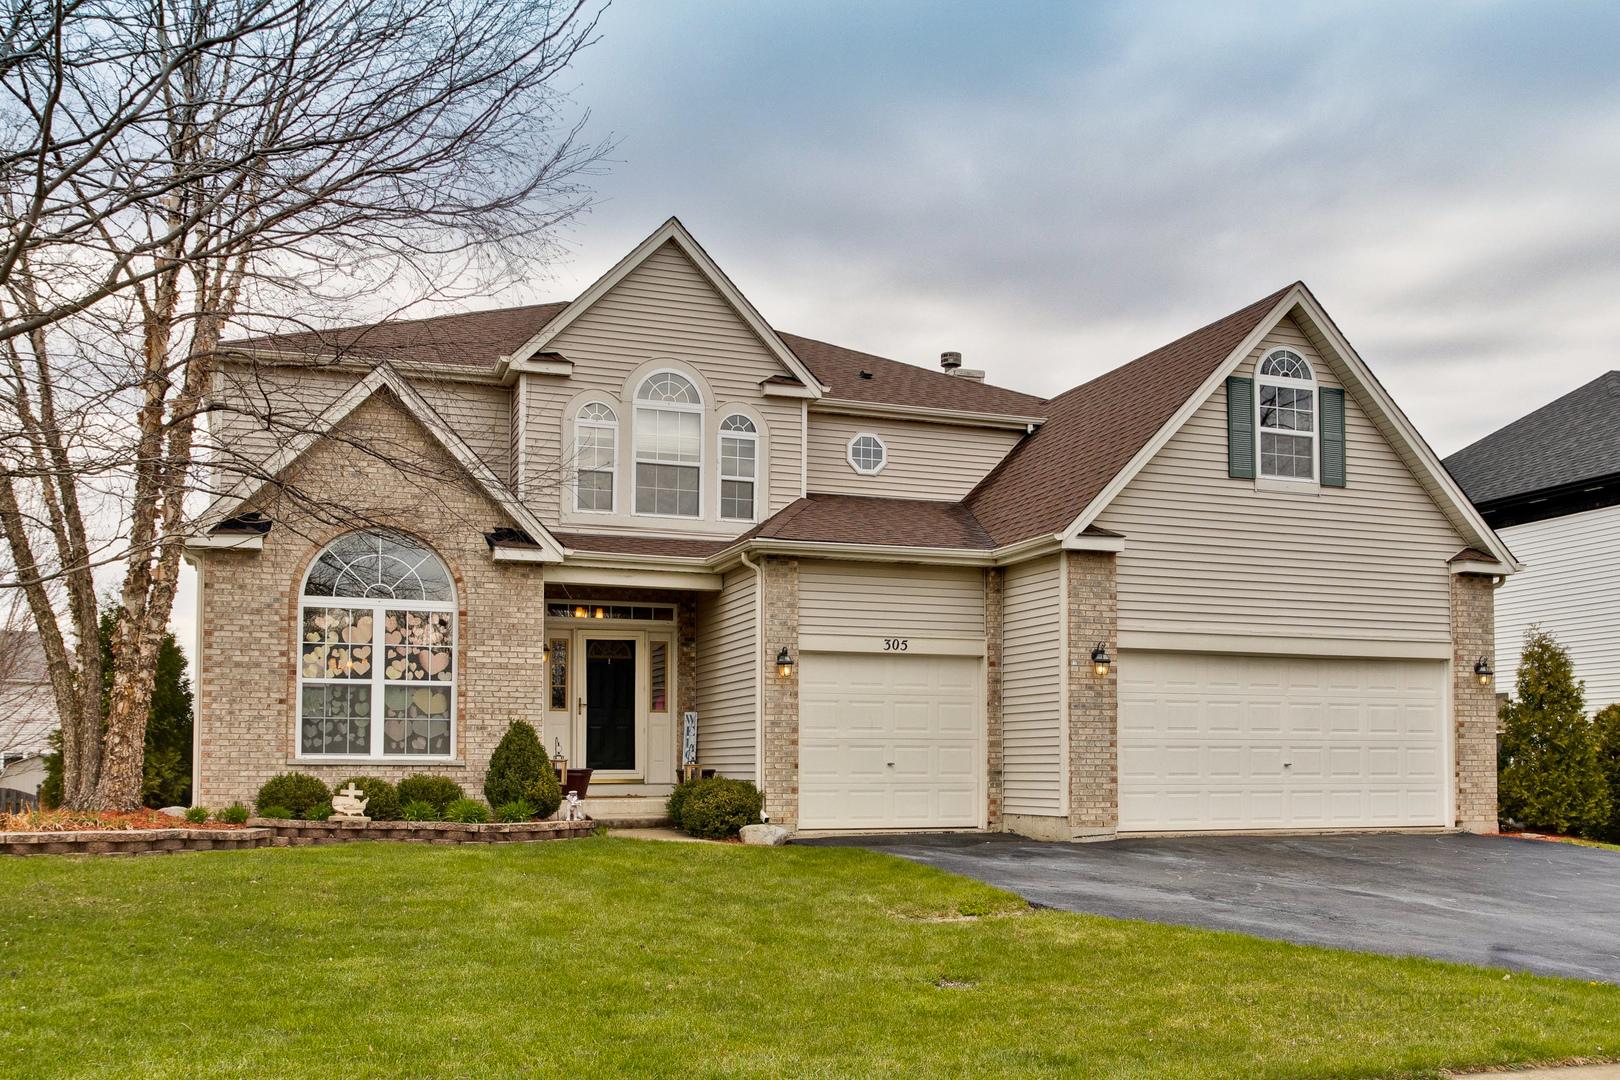 305 Greenview Lane, Lake Villa, IL 60046